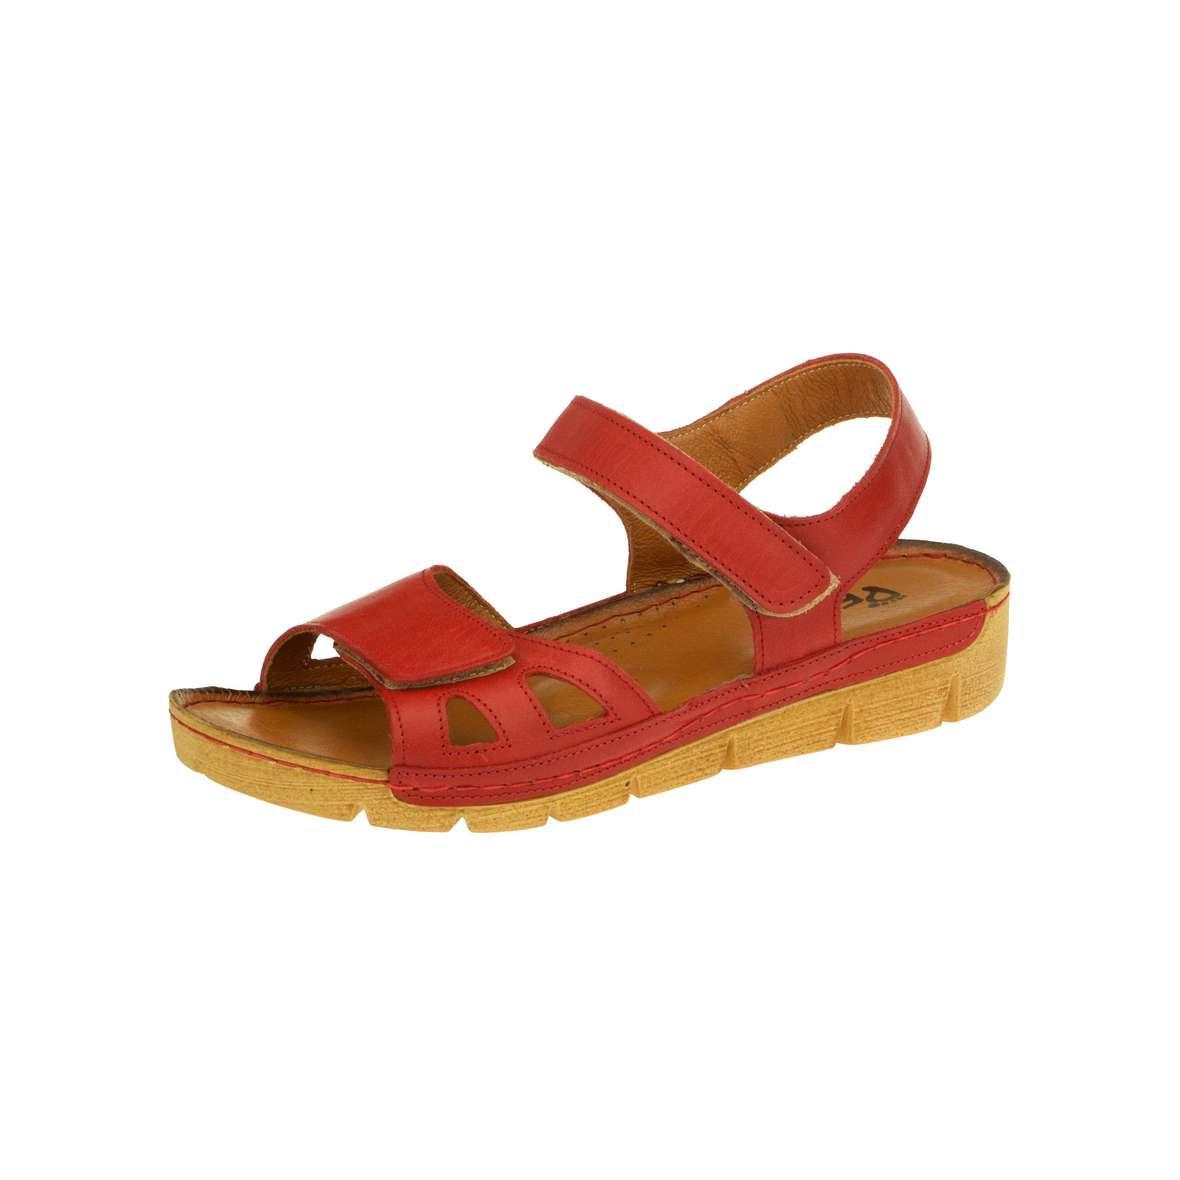 f95ce79c45b5 Dámská vycházková sandálka TA 2047-4